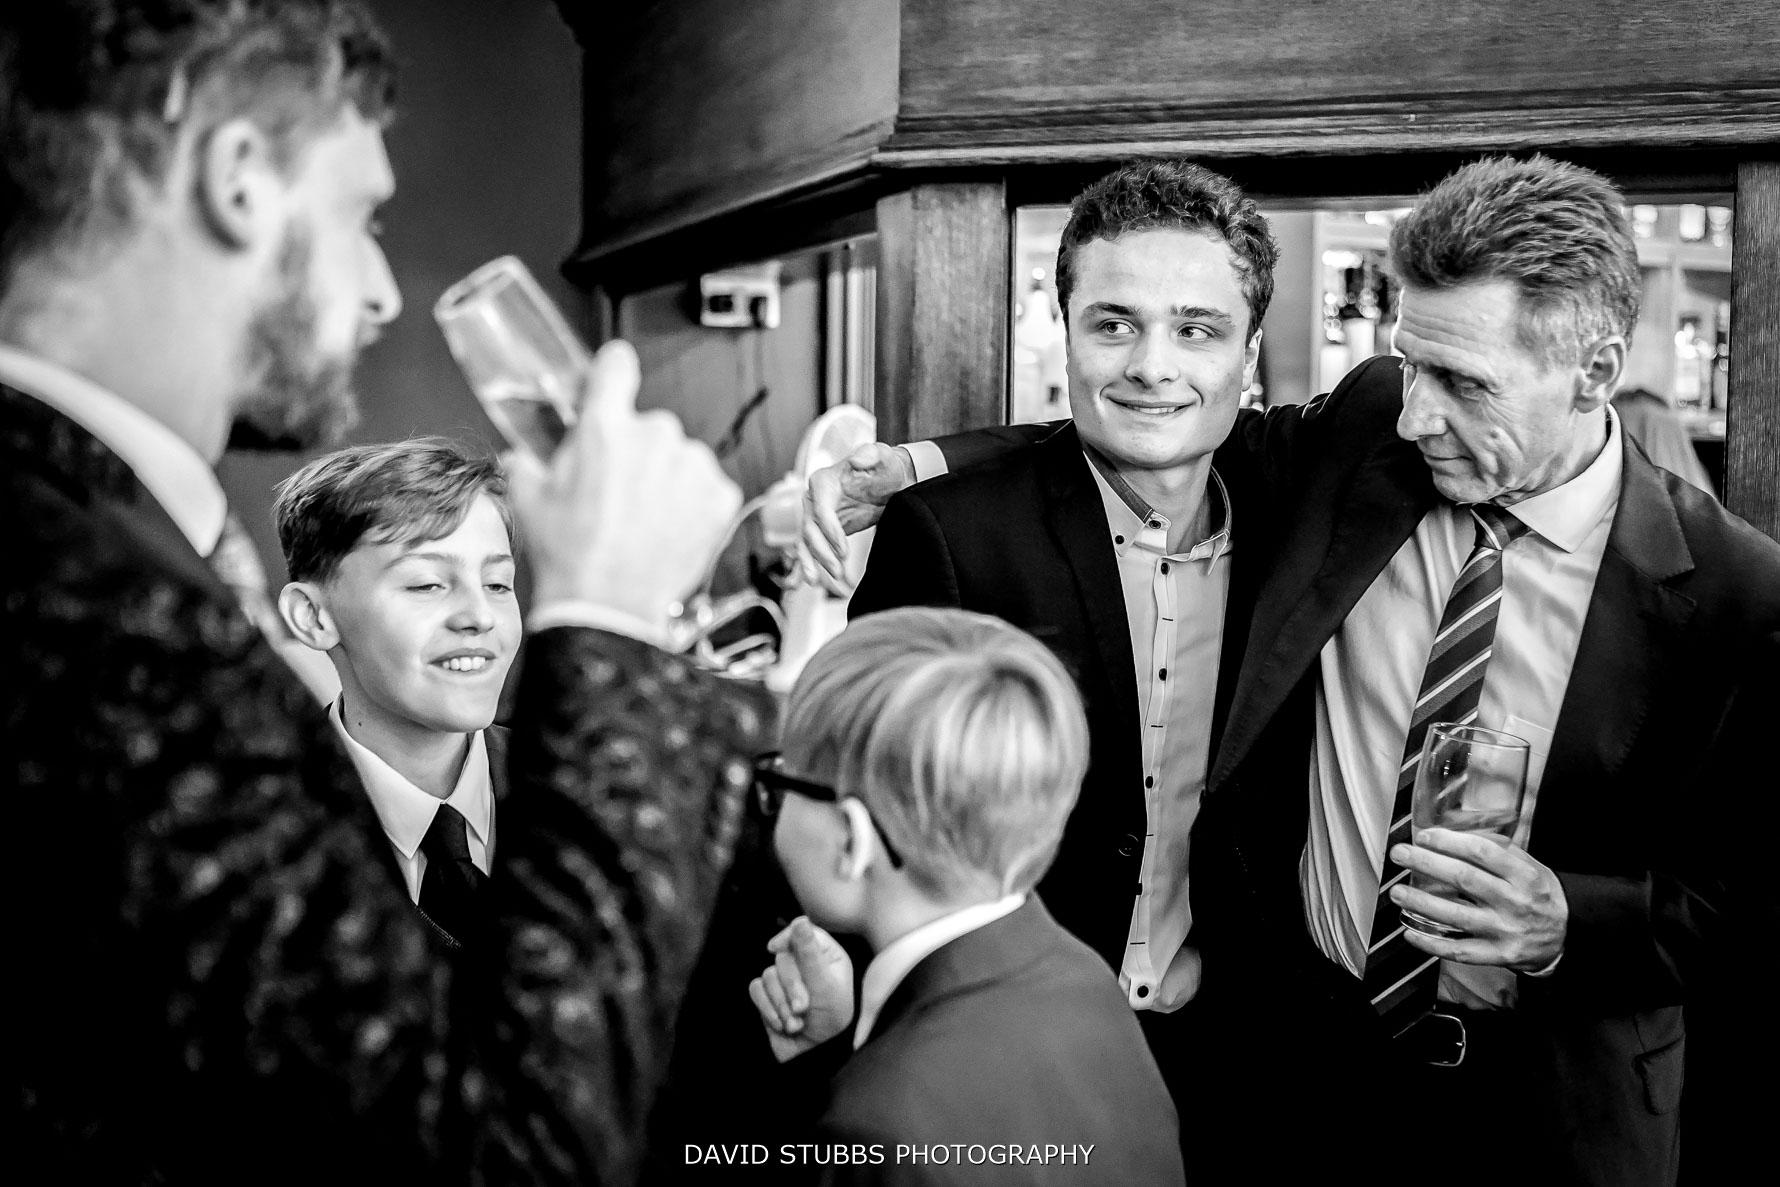 wedding guests waiting at the bar